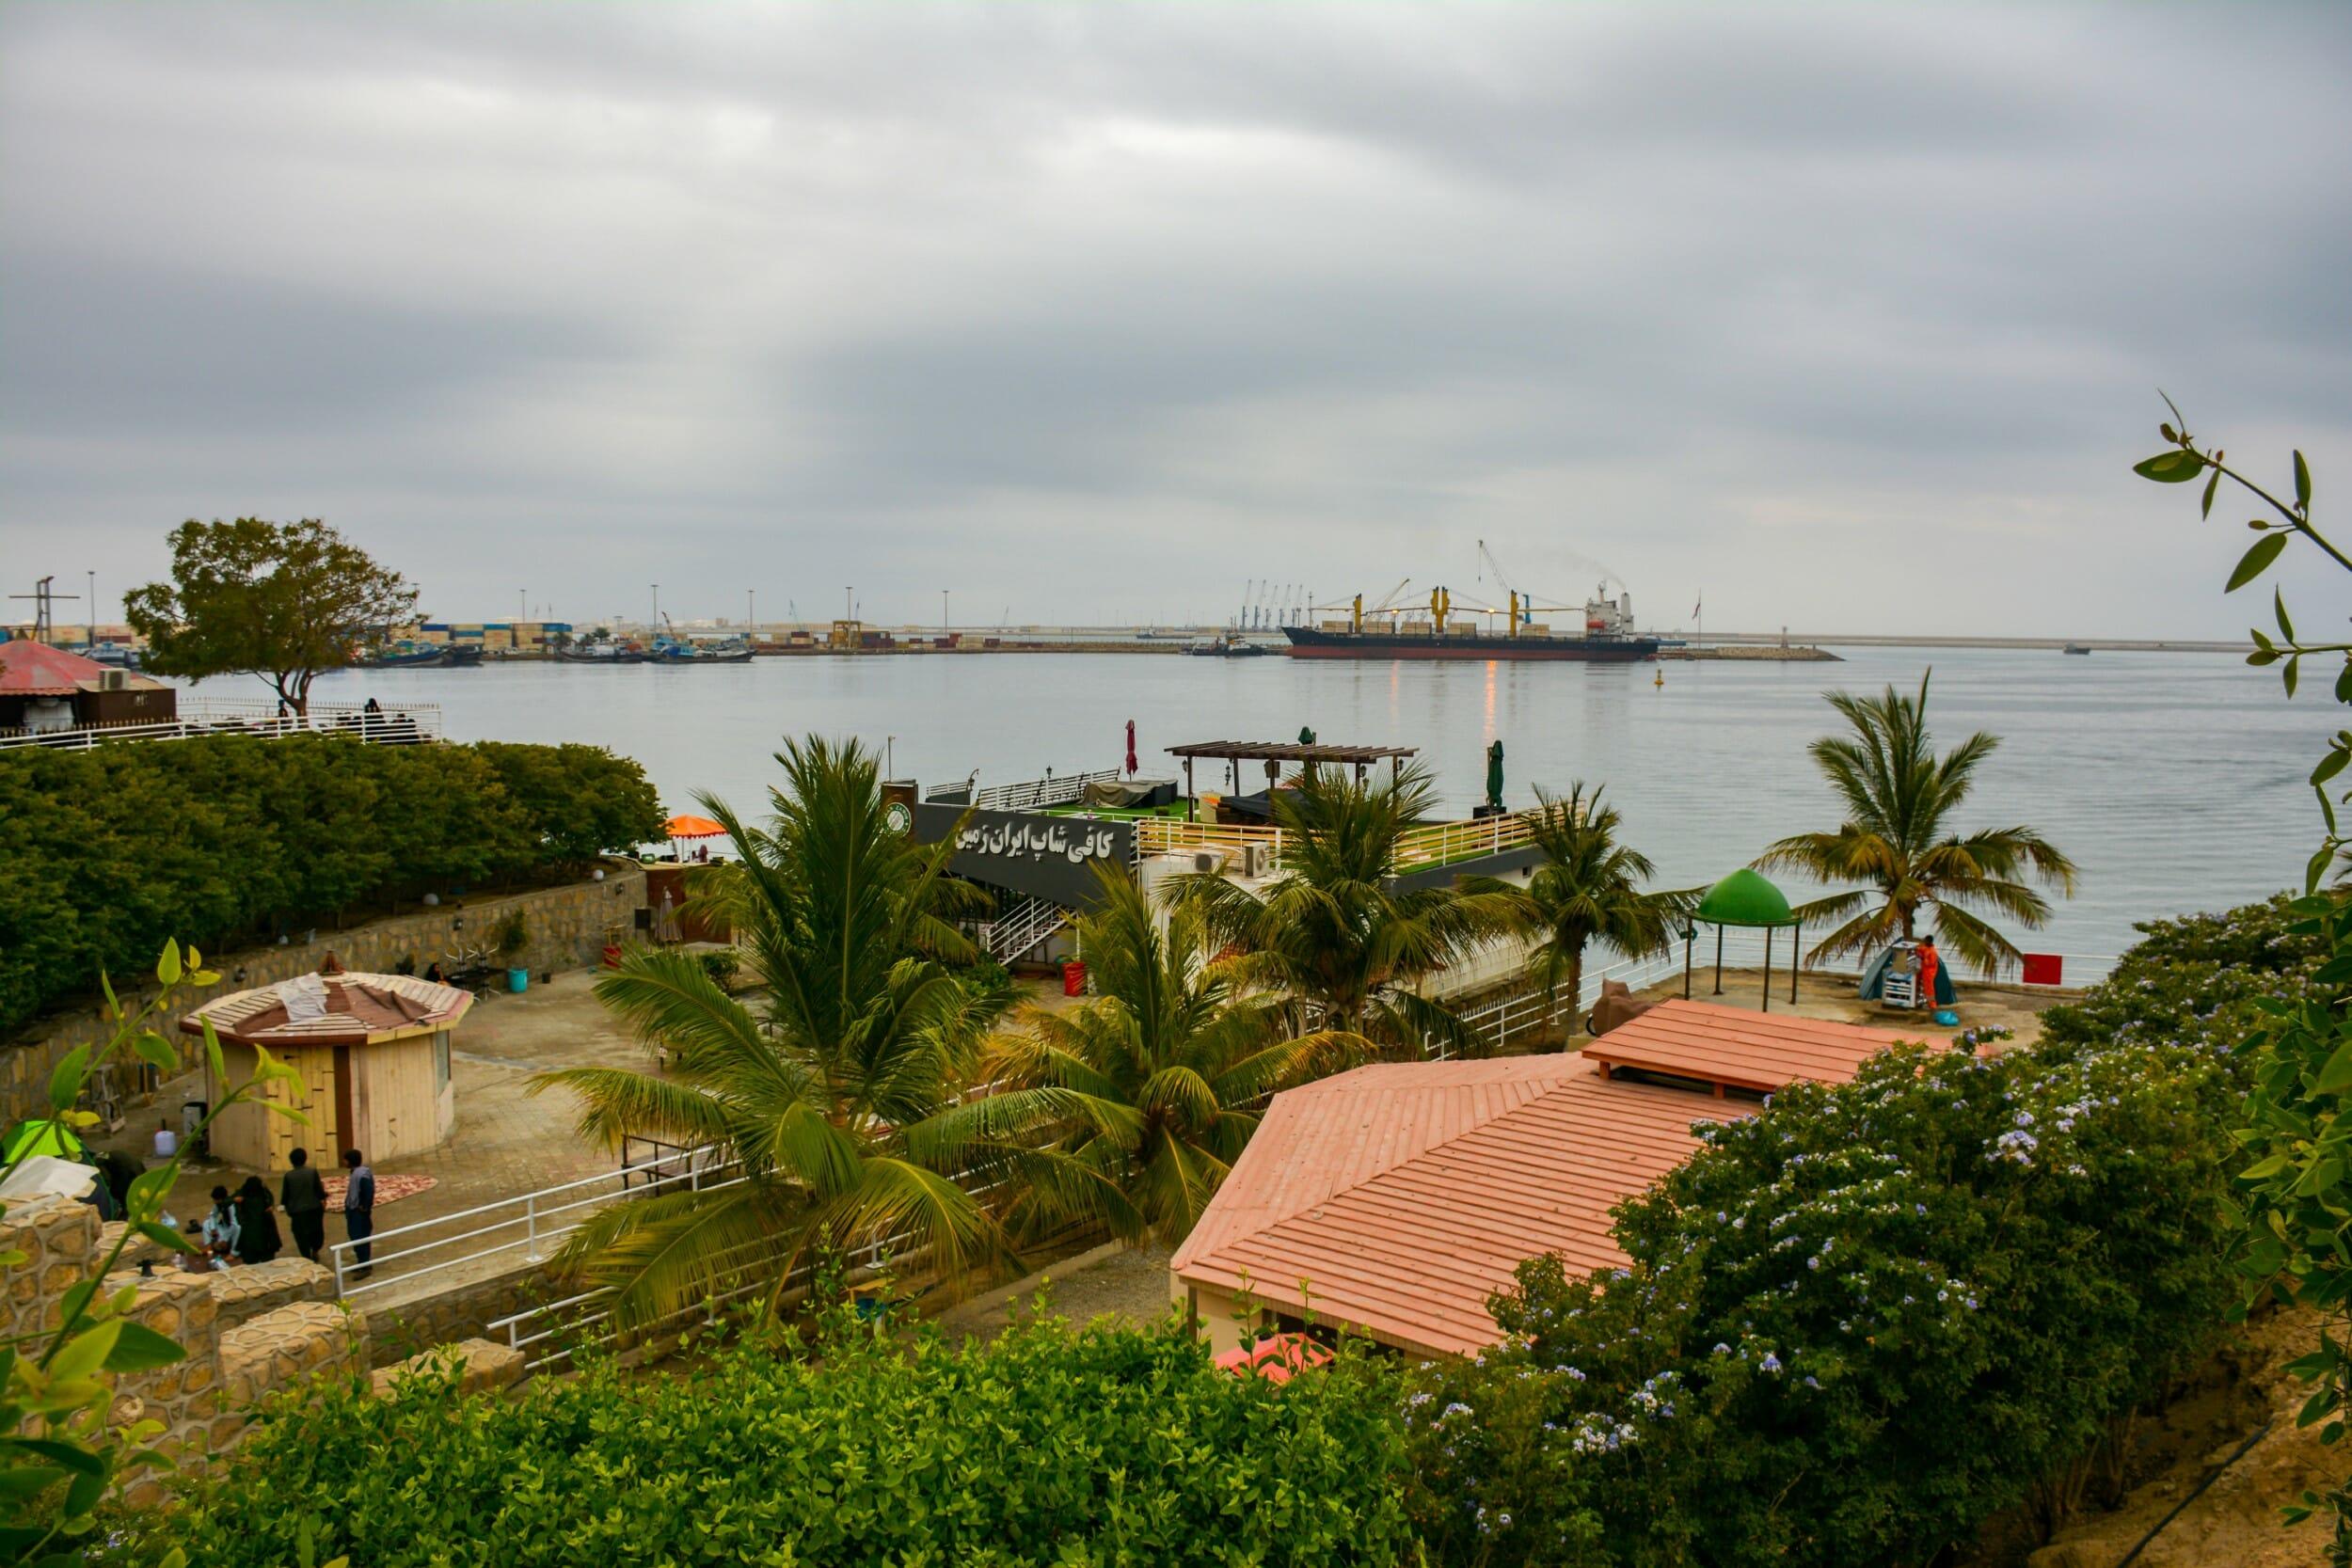 وزرای گردشگری کشورهای اقیانوس هند به چابهار میآیند